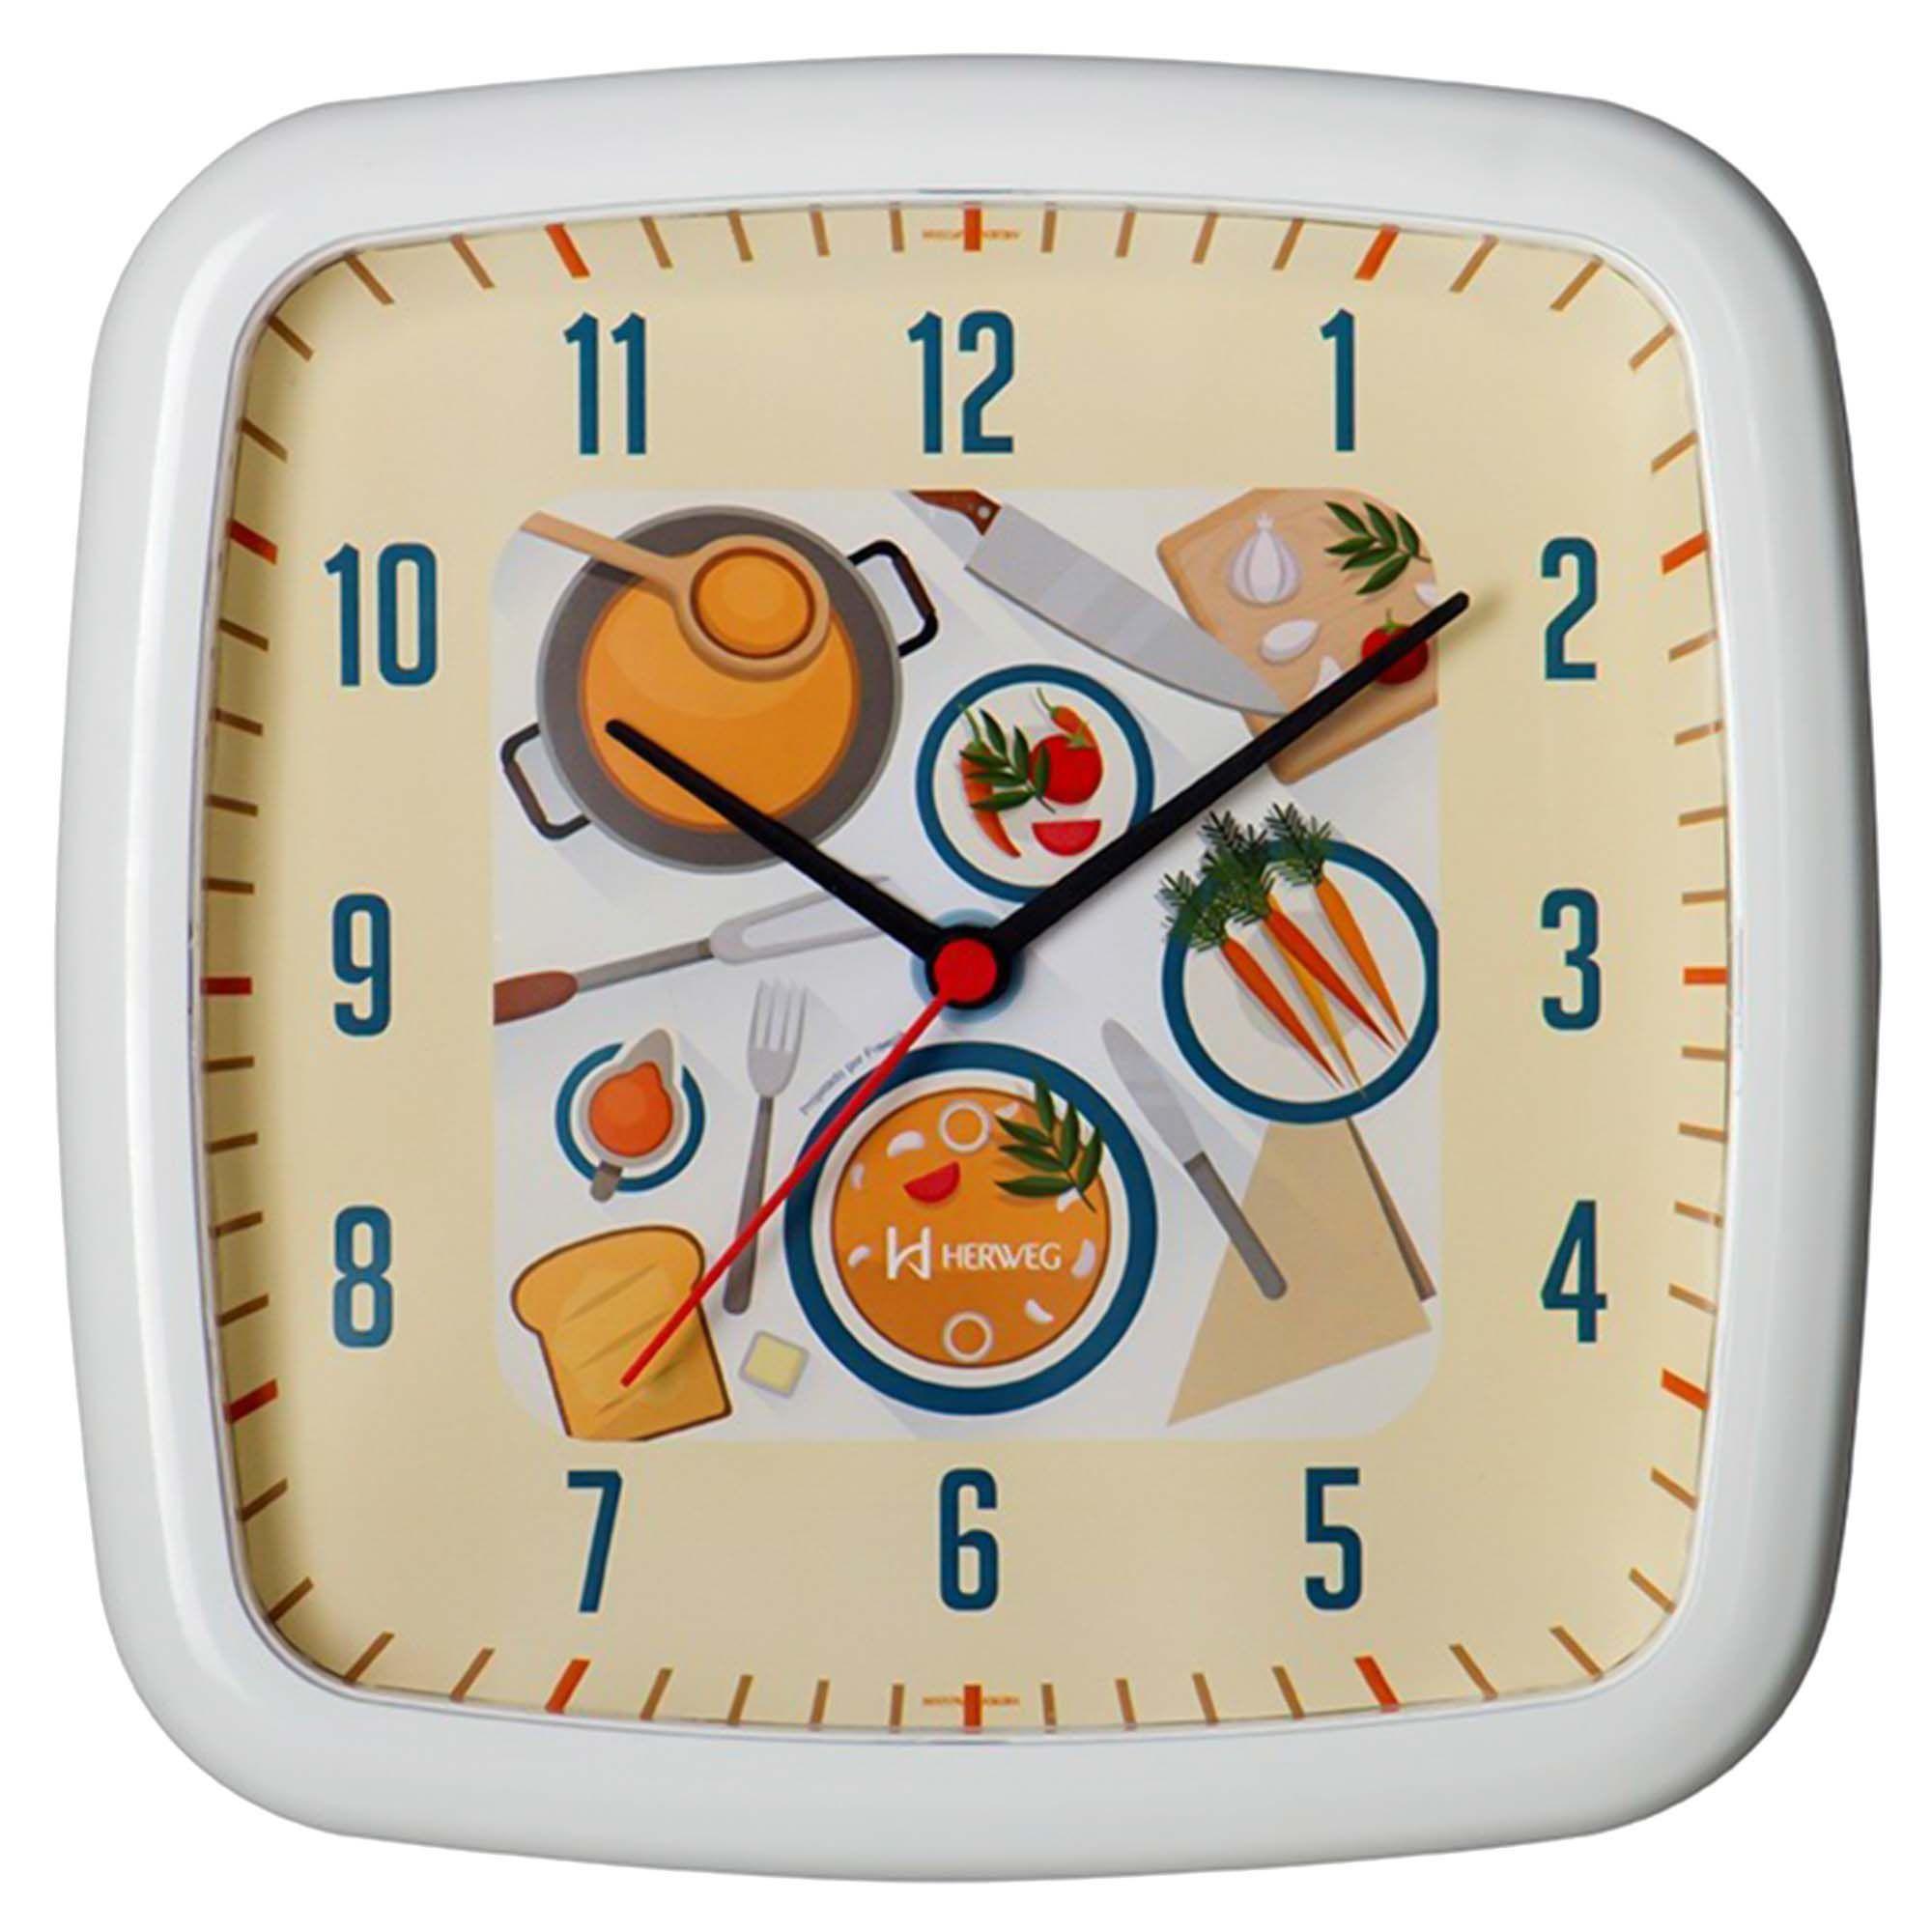 Relógio de Parede Analógico Herweg 660009 021 Branco